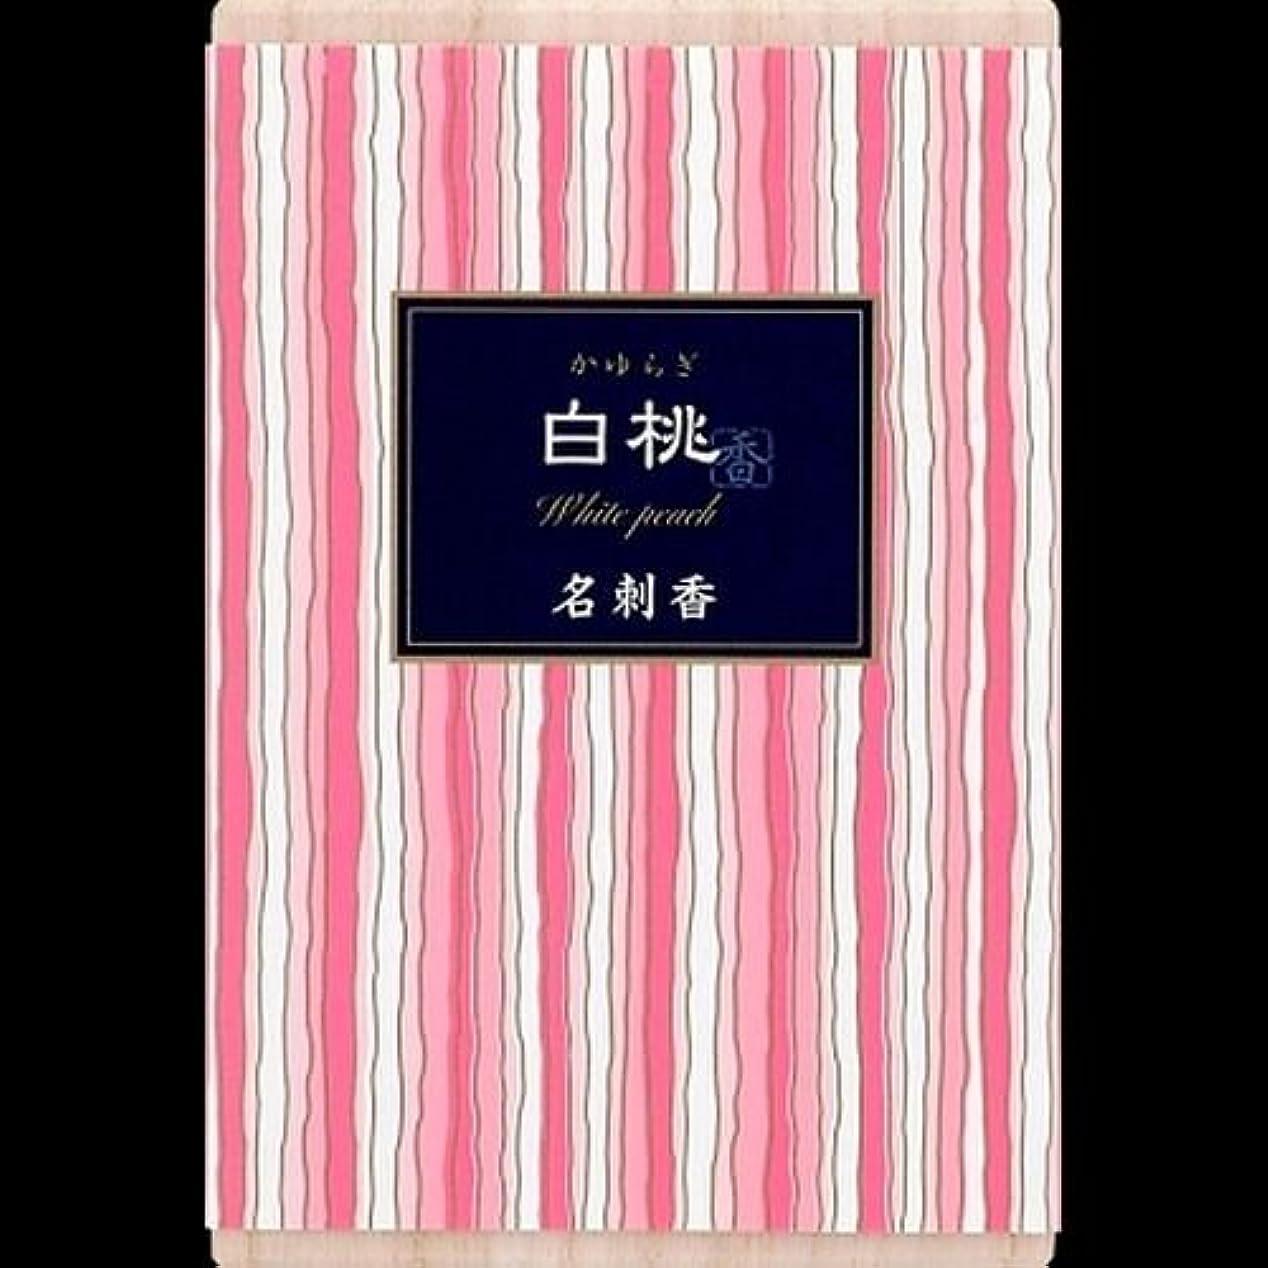 松明ちっちゃい論争【まとめ買い】かゆらぎ 白桃 名刺香 桐箱 6入 ×2セット